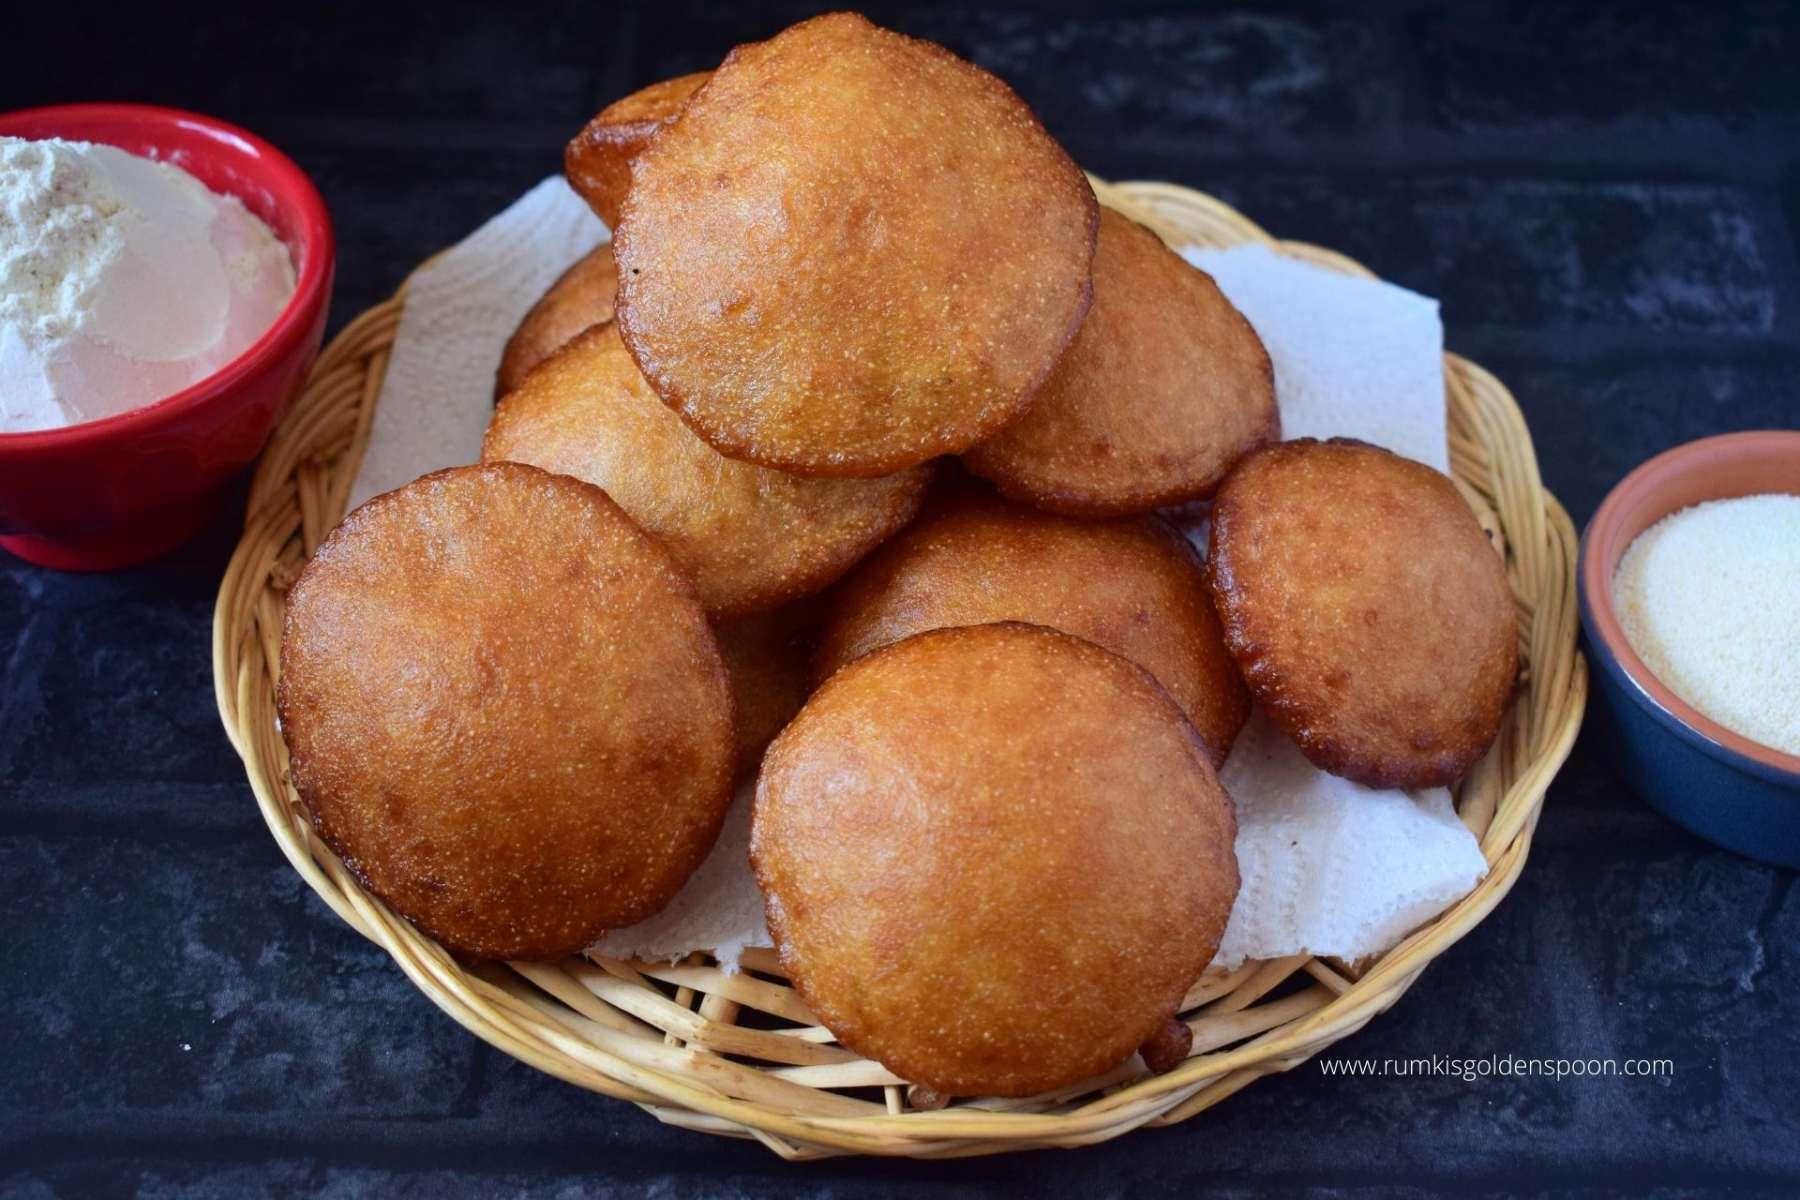 meetha pua, pua pitha, pua pitha recipe, meetha pua recipe , sweet pua, sweet pua recipe, poa pitha, sweet pua pitha, mishti pua pitha, poa pitha recipe, puya pitha, bengali pitha, bengali pitha recipe, bengali pithe, bengali pitha puli, bengali pithe puli, bangladeshi pitha, how to make bengali pitha, Rumki's Golden Spoon